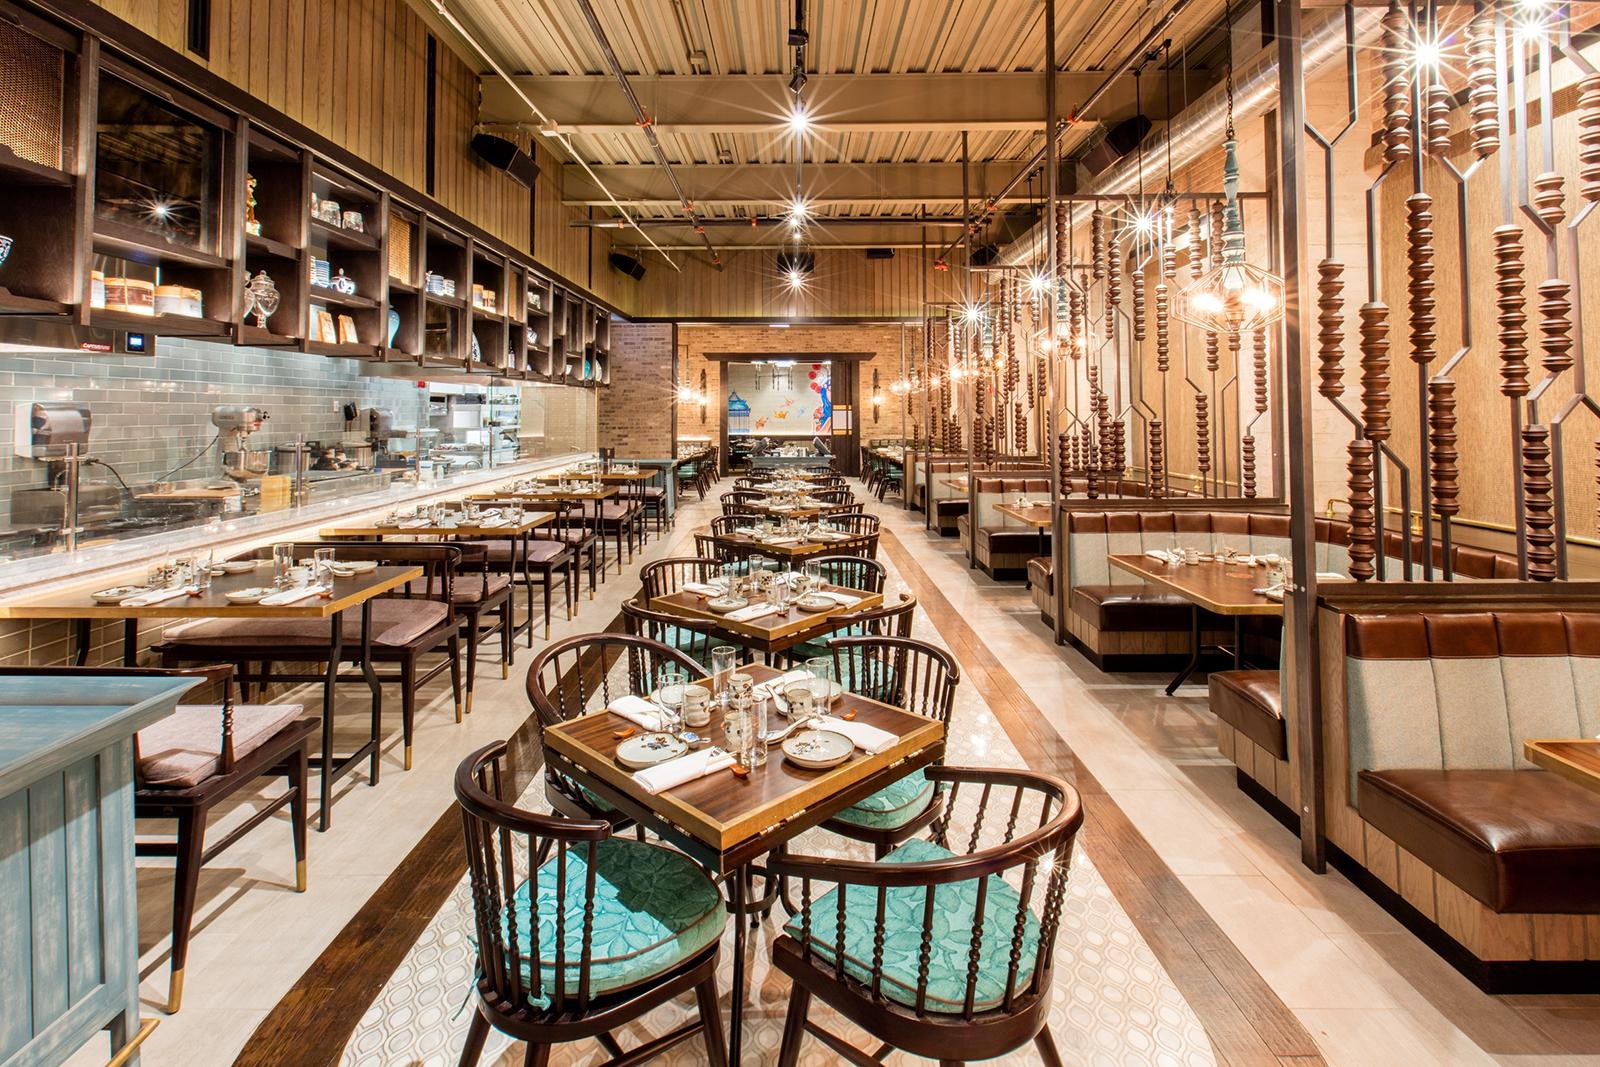 imperial-main-dining-room.jpg